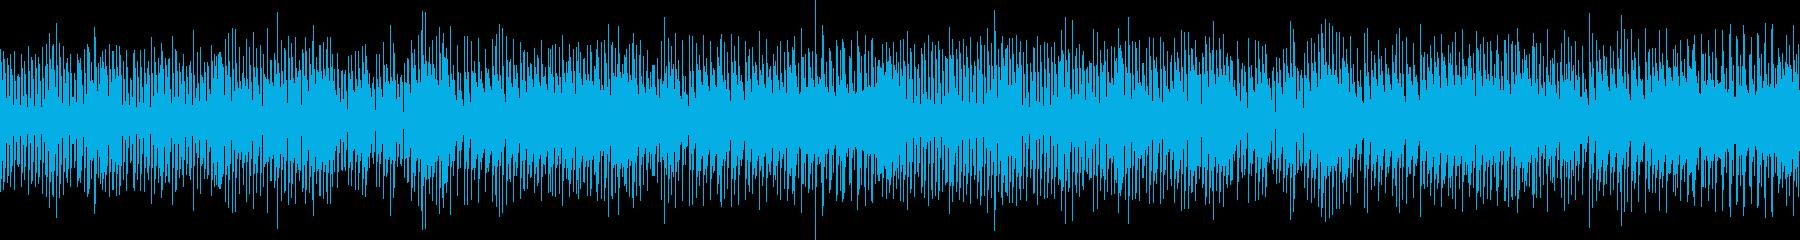 パズルやシューティングゲームに合う曲の再生済みの波形